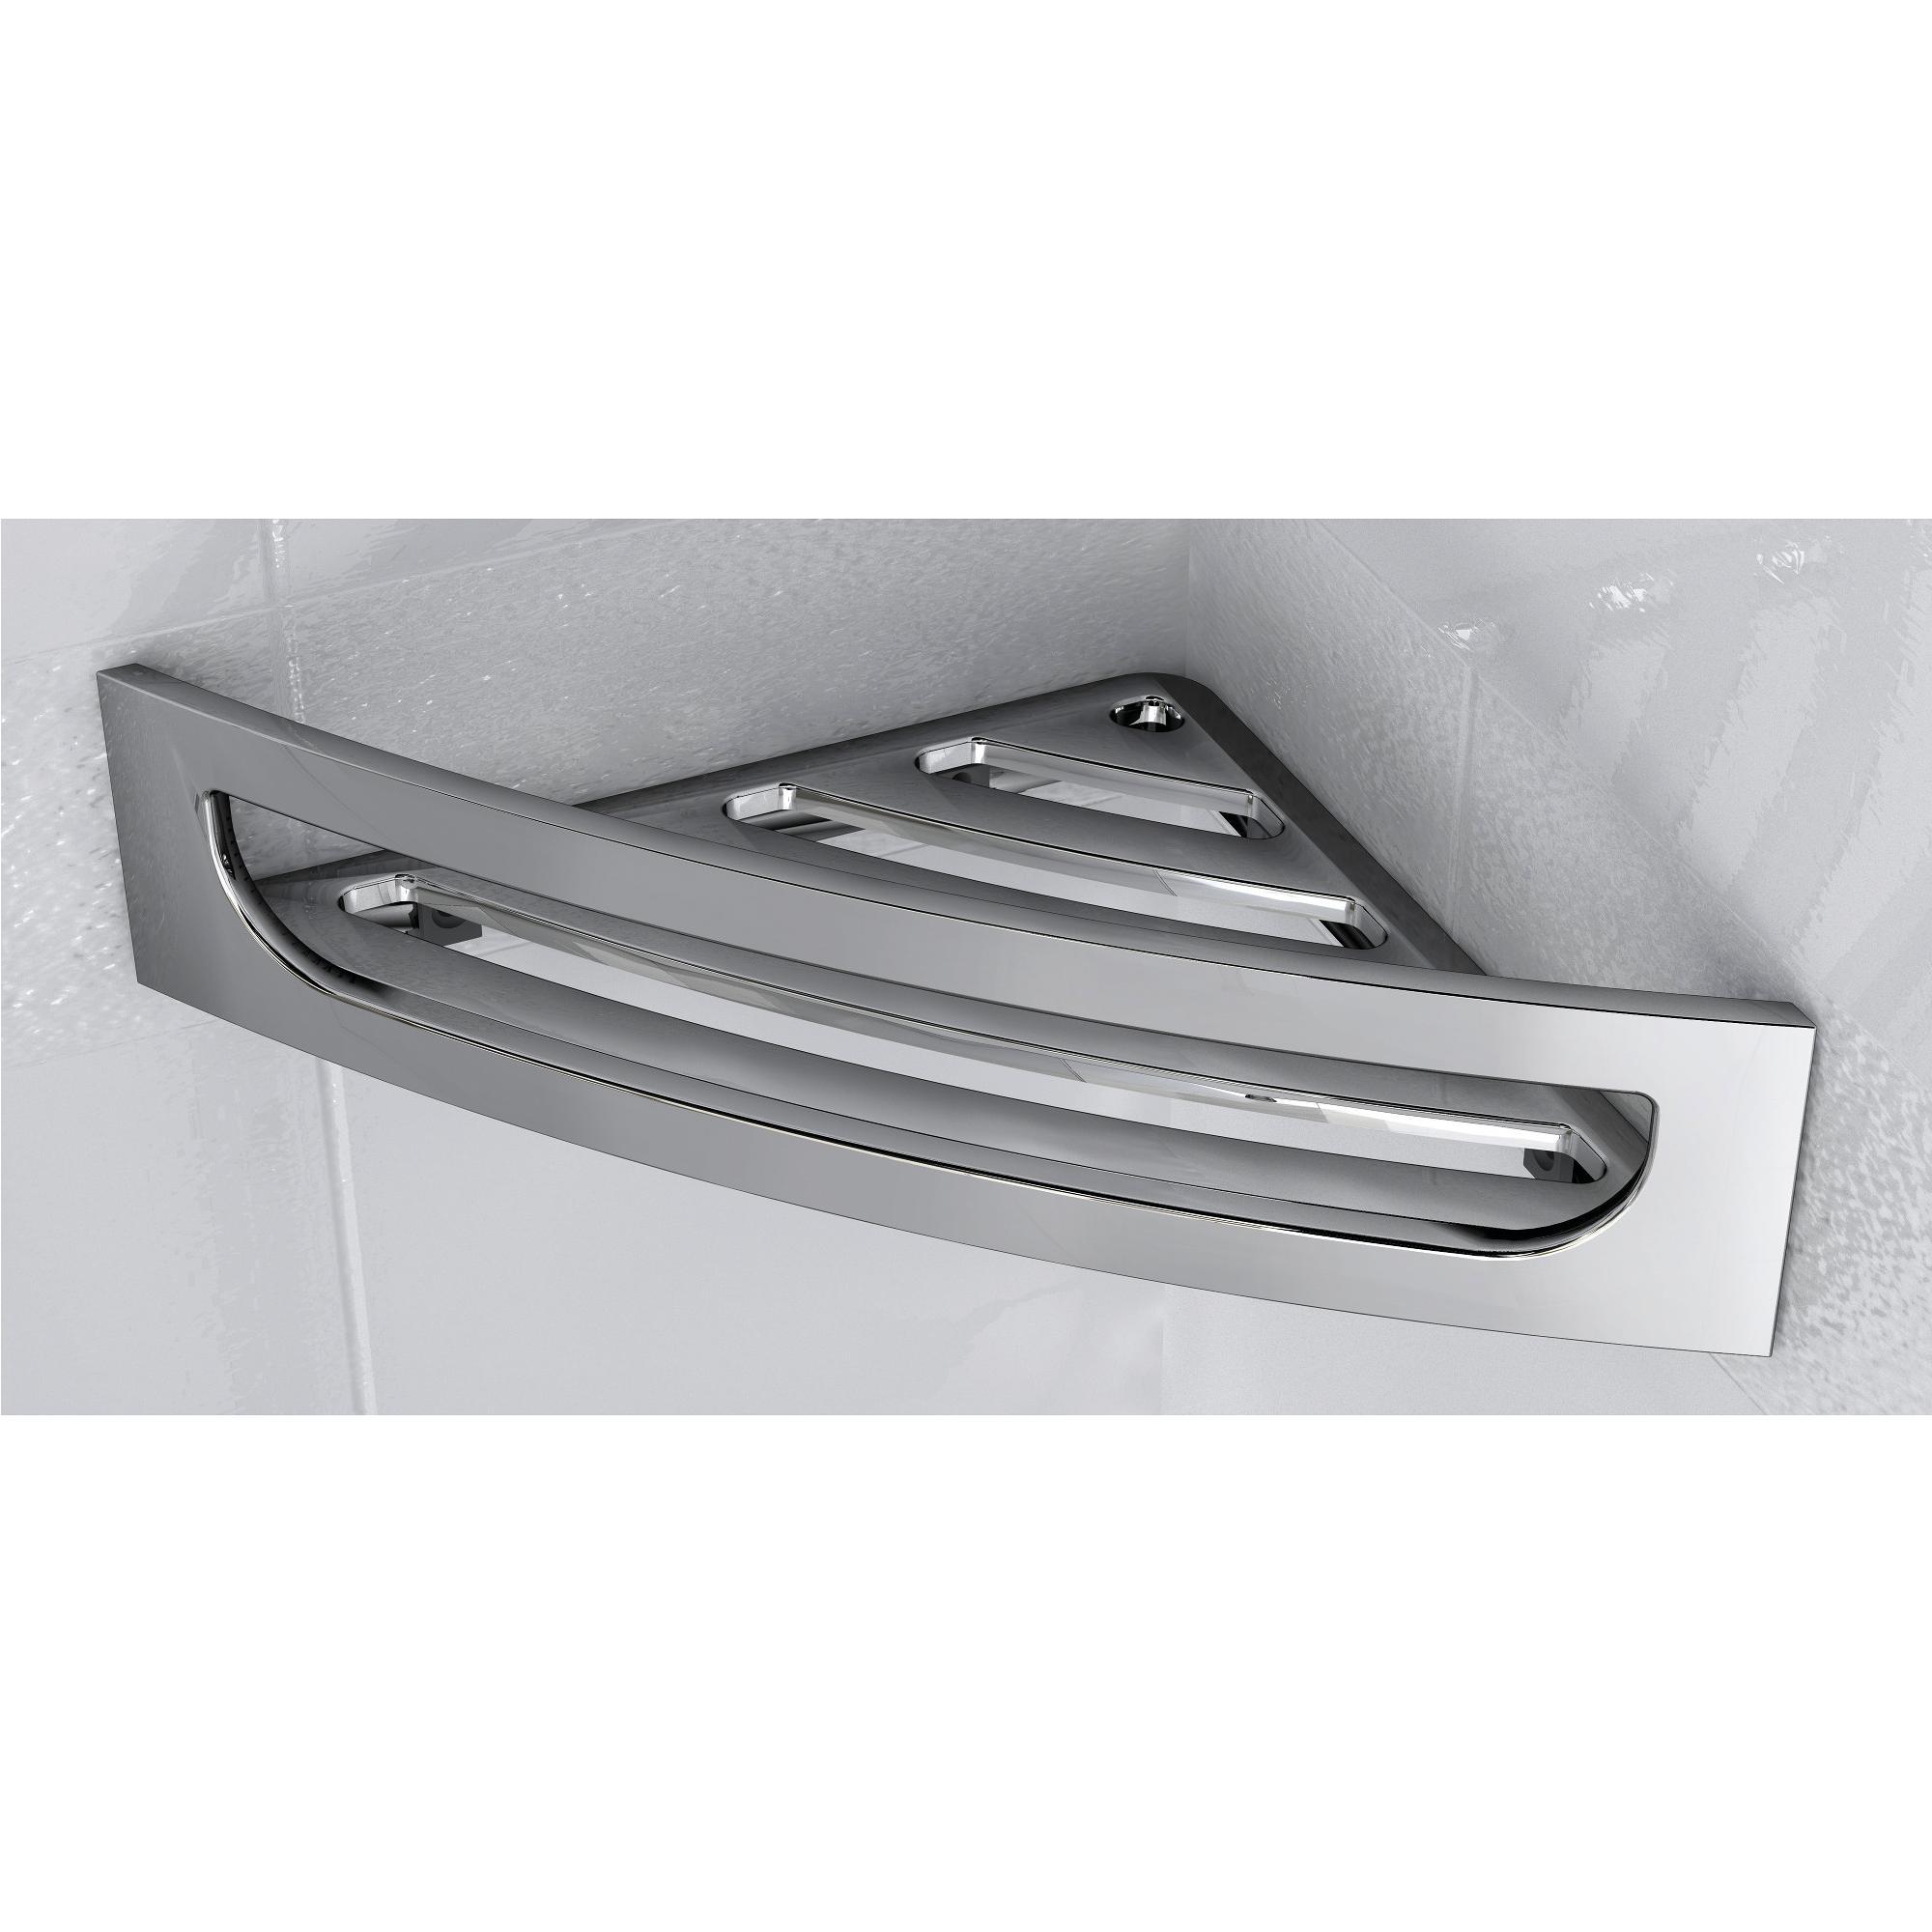 Angolare per doccia in acciaio inox 4hx16x30 cm completo di stop per il montaggio ibb spa - Accessori bagno acciaio inox ...